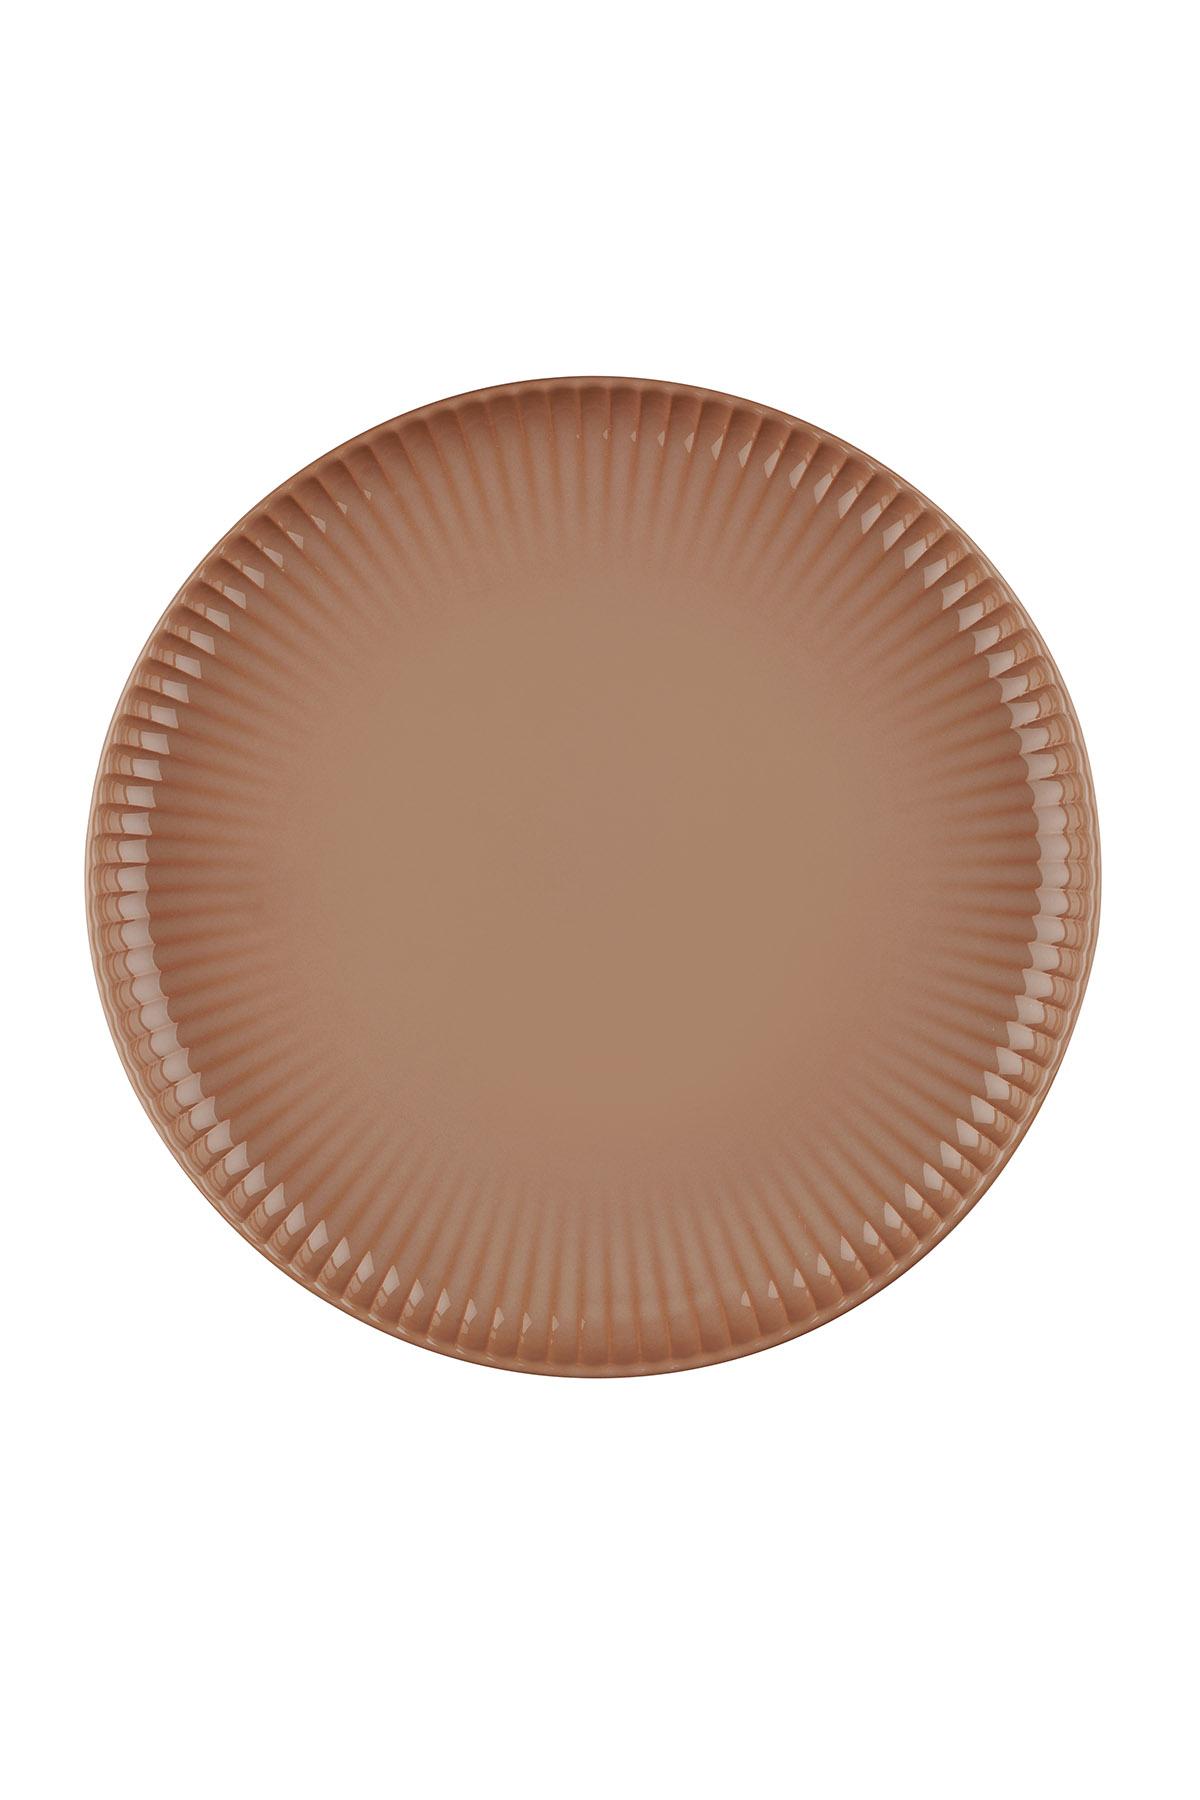 Kütahya Porselen - Crest 24 cm Düz Tabak Kırmızı